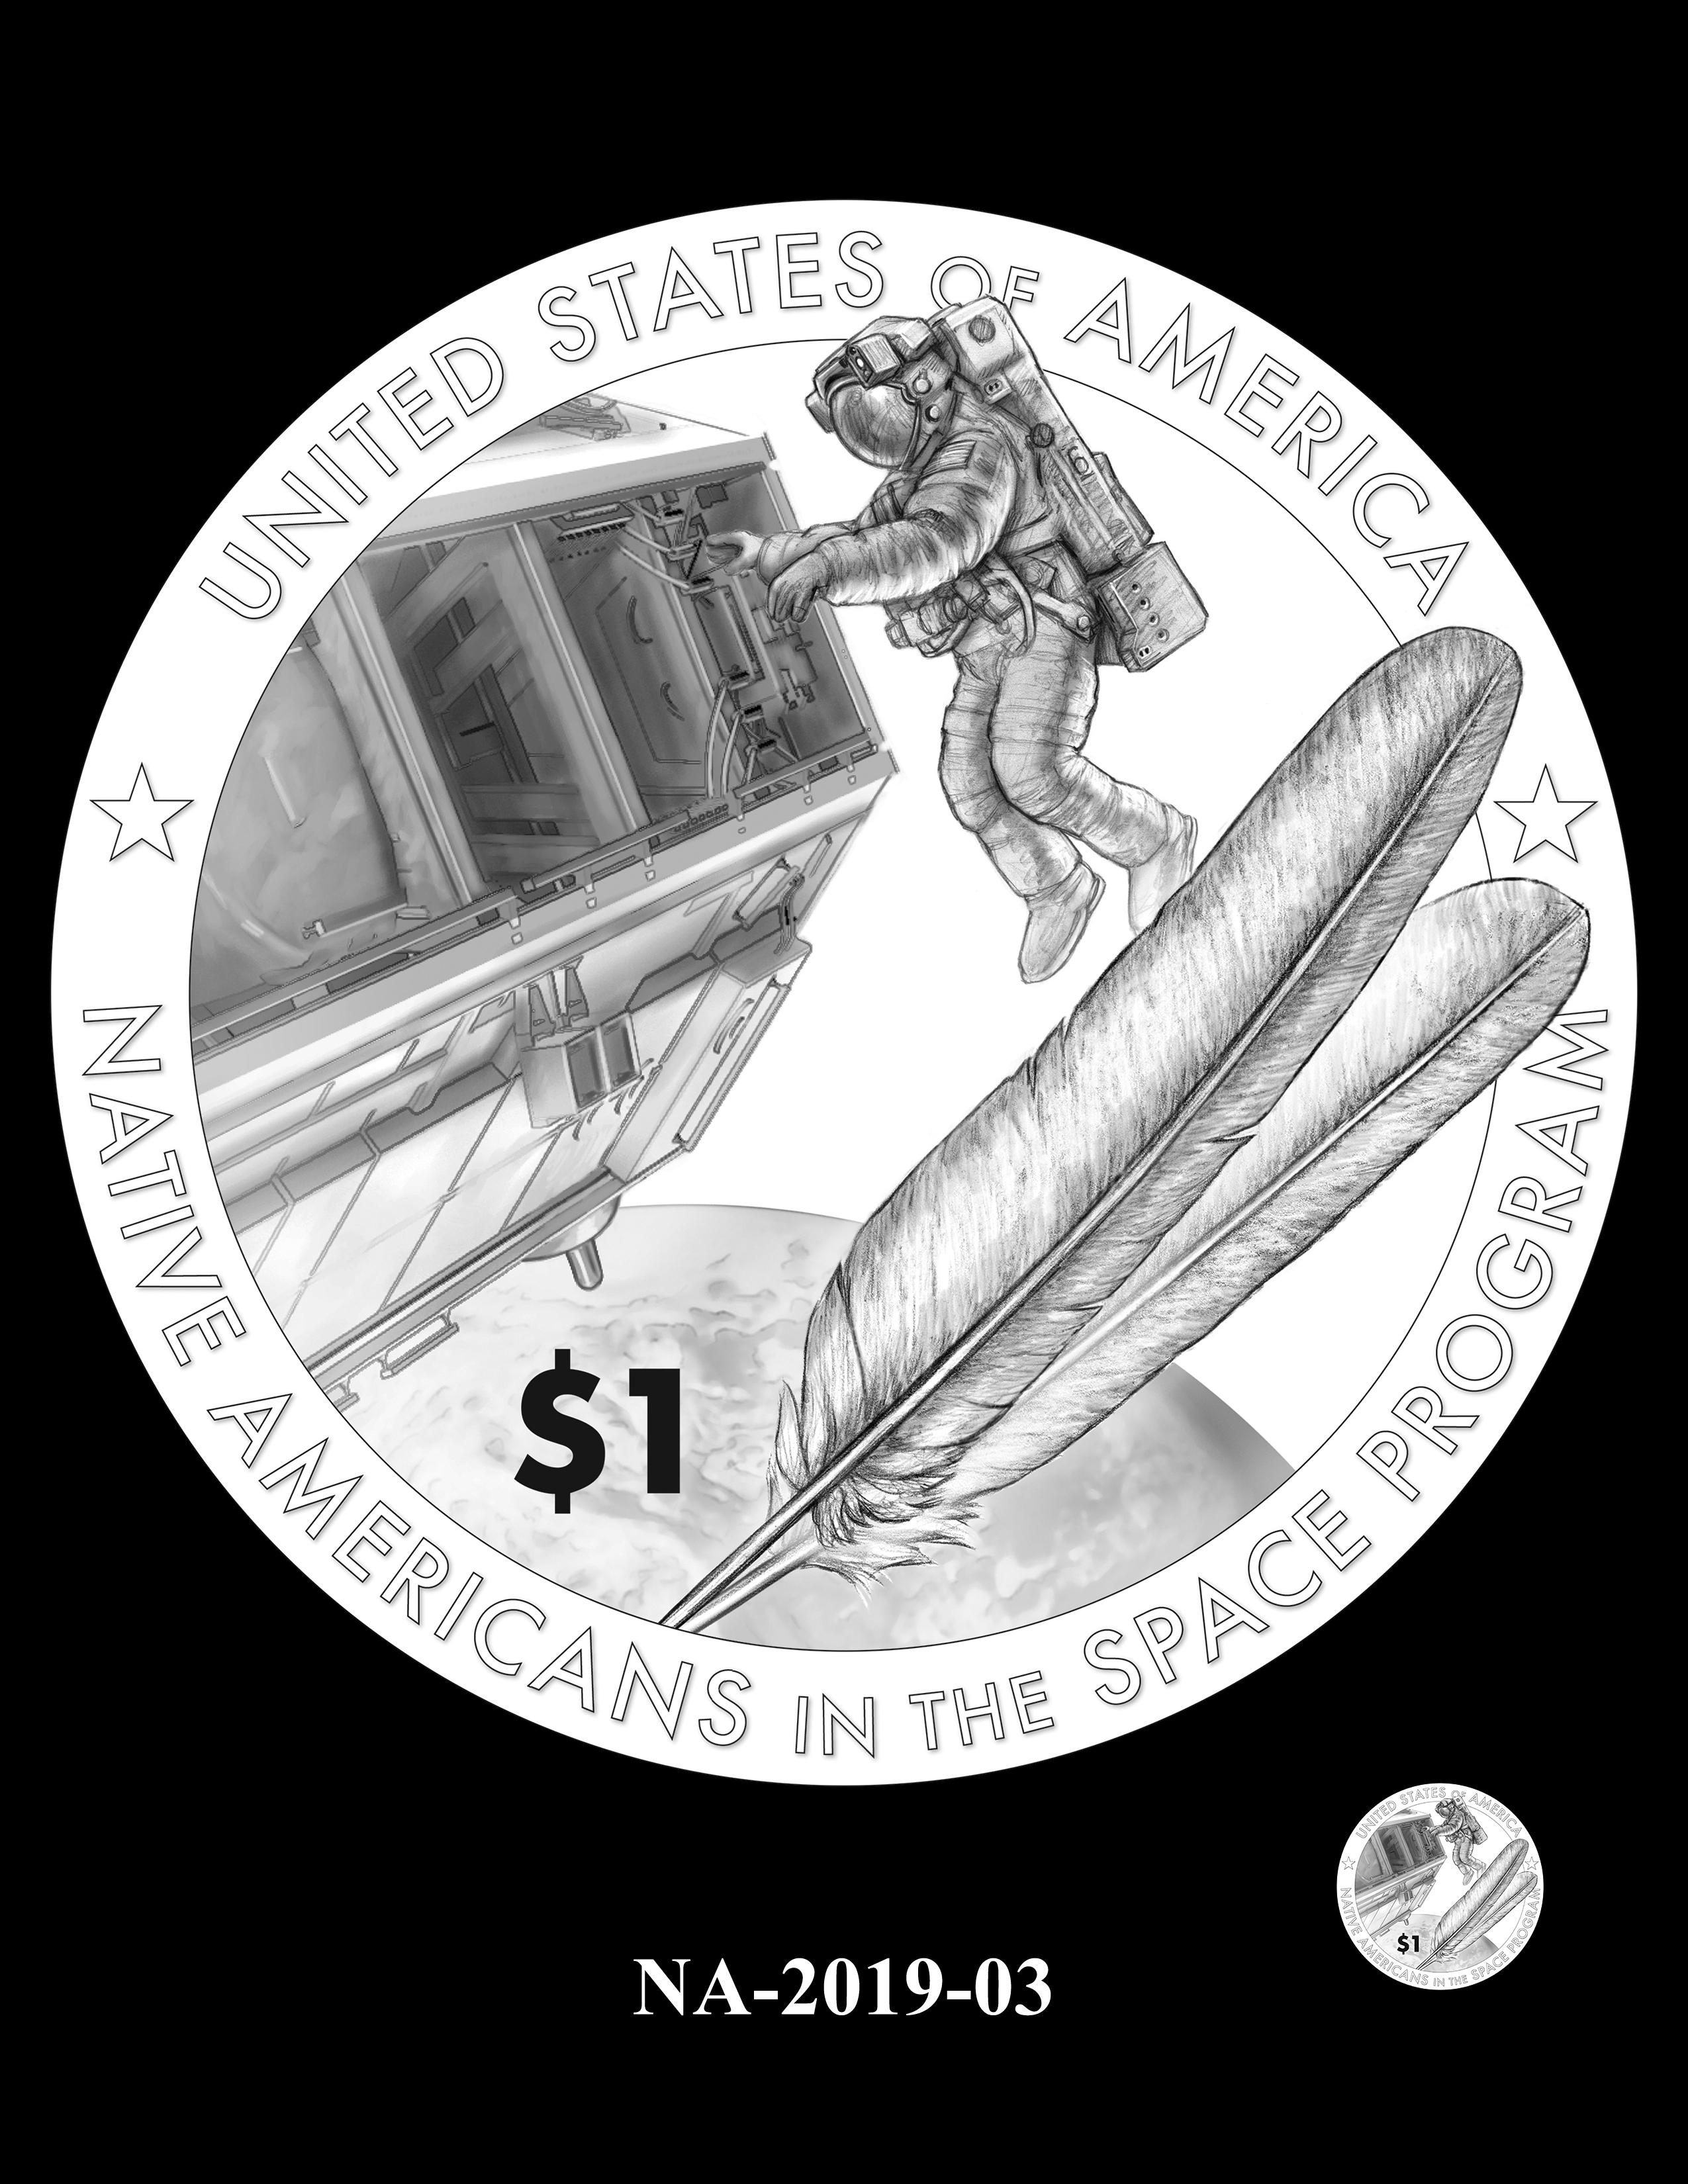 NA-2019-03 --2019 Native American $1 Coin